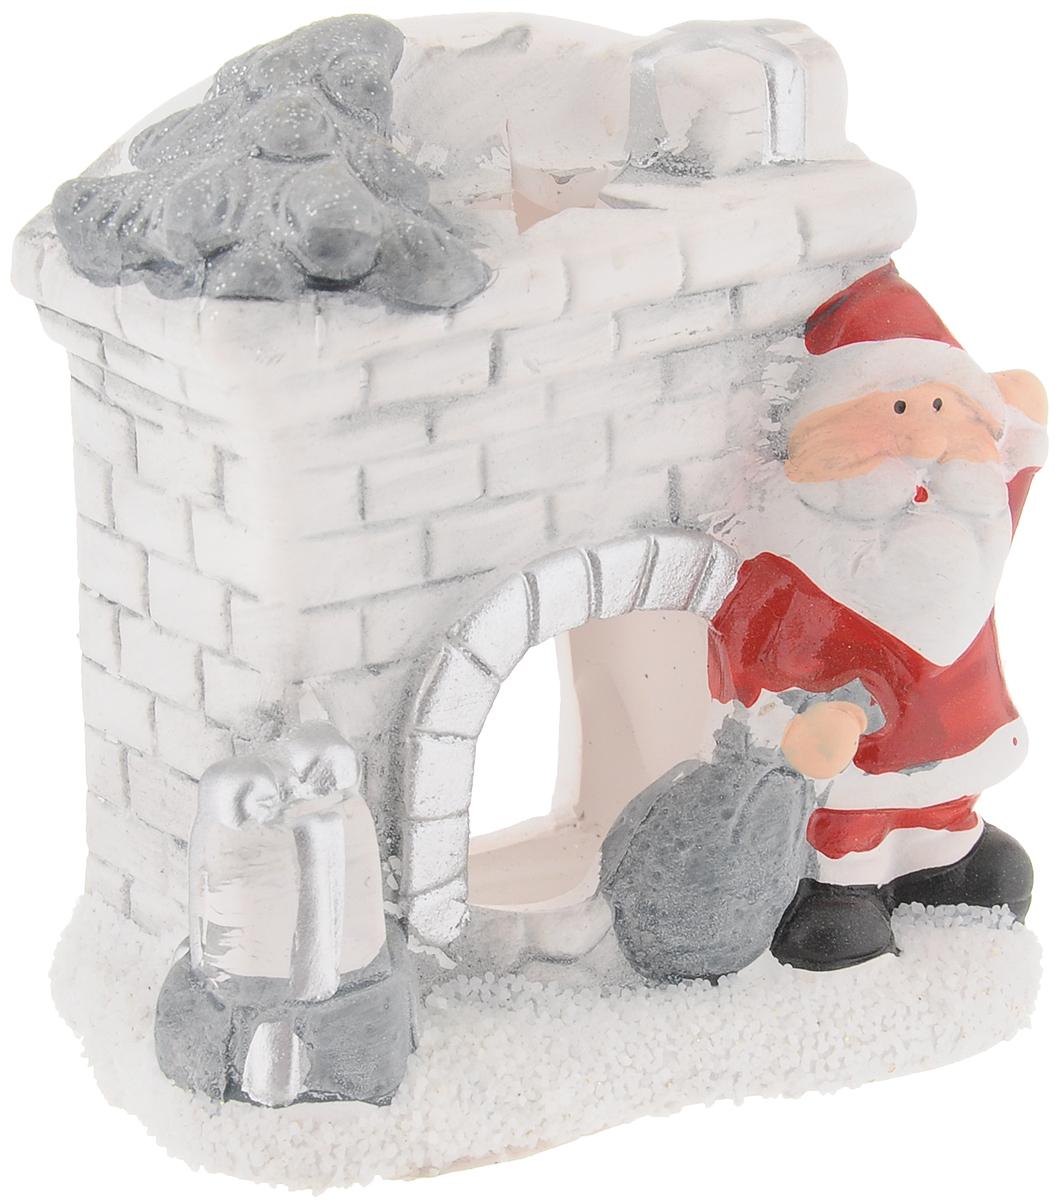 Подсвечник House & Holder Камин, 9 х 4,5 х 9 смDP-B28-13545Подсвечник House & Holder Камин выполнен из стекла в виде камина с Дедом Морозом. В подсвечнике имеется специальное место для чайной свечки. Изделие будет прекрасно смотреться на праздничном столе. Новогодние украшения несут в себе волшебство и красоту праздника. Они помогут вам украсить дом к предстоящим праздникам и оживить интерьер по вашему вкусу. Создайте в доме атмосферу тепла, веселья и радости, украшая его всей семьей.